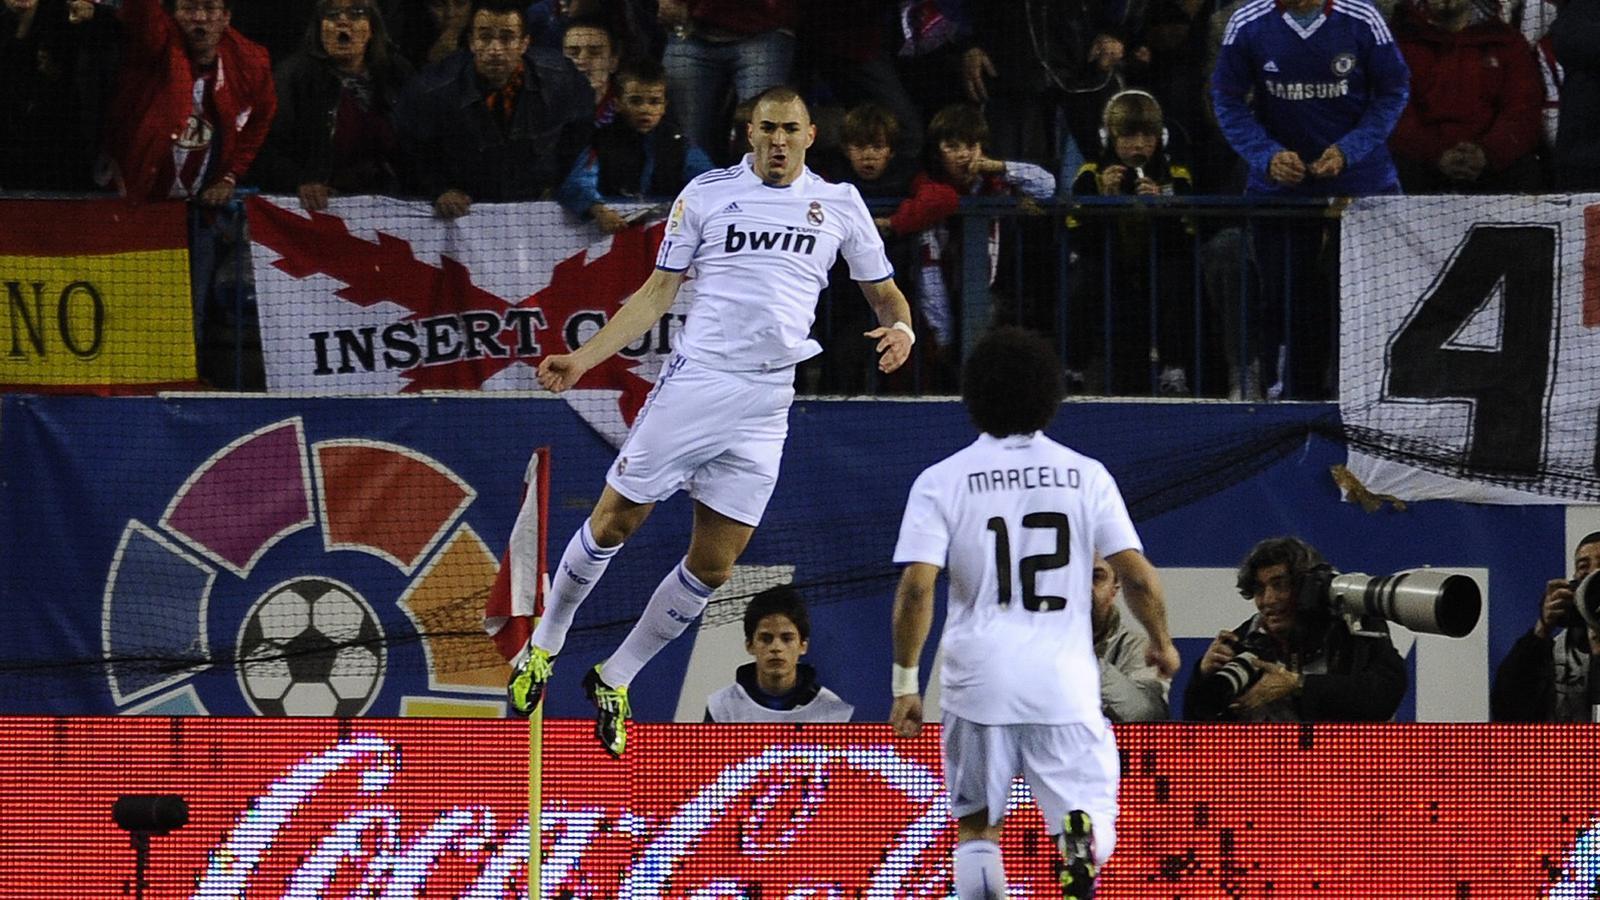 Karim Benzema, en ratxa golejadora, va fer el primer gol del partit en una bonica jugada personal. / PIERRE-PHILIPPE MARCOU / AFP